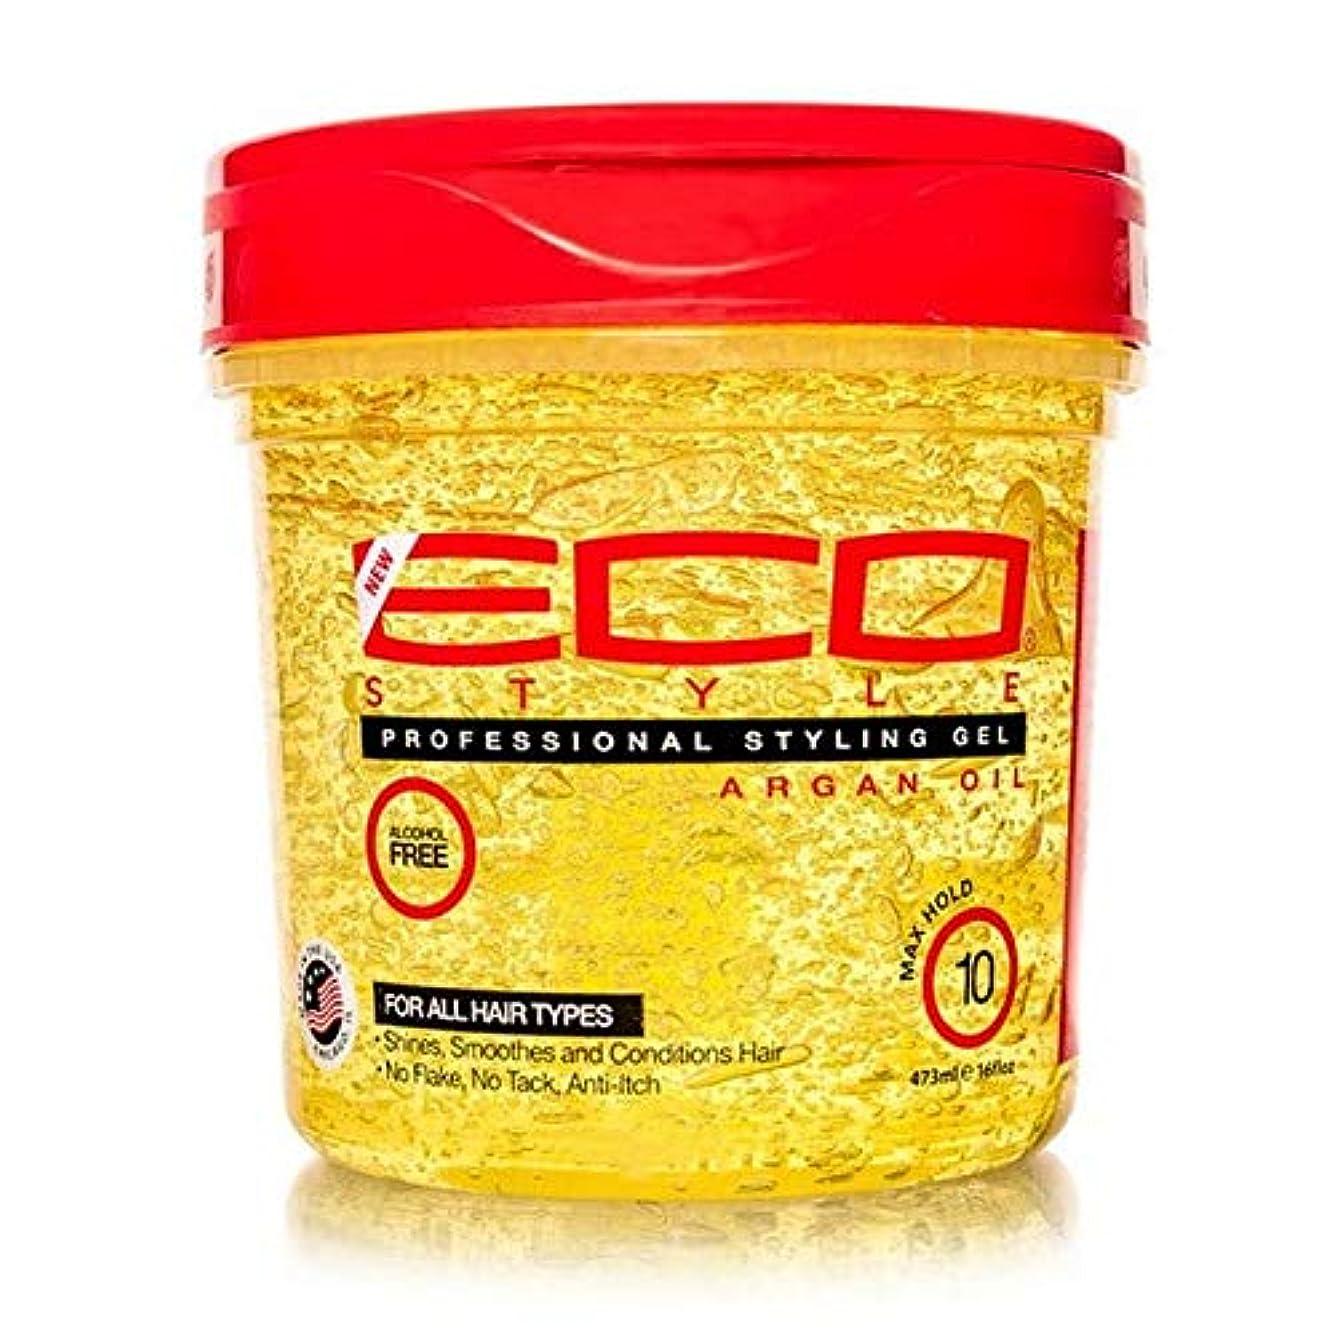 クリケットマラドロイトソビエト[ECO STYLER ] エコスタイラモロッコアルガン油スタイリングゲル473ミリリットル - ECO Styler Moroccan Argan Oil Styling Gel 473ml [並行輸入品]